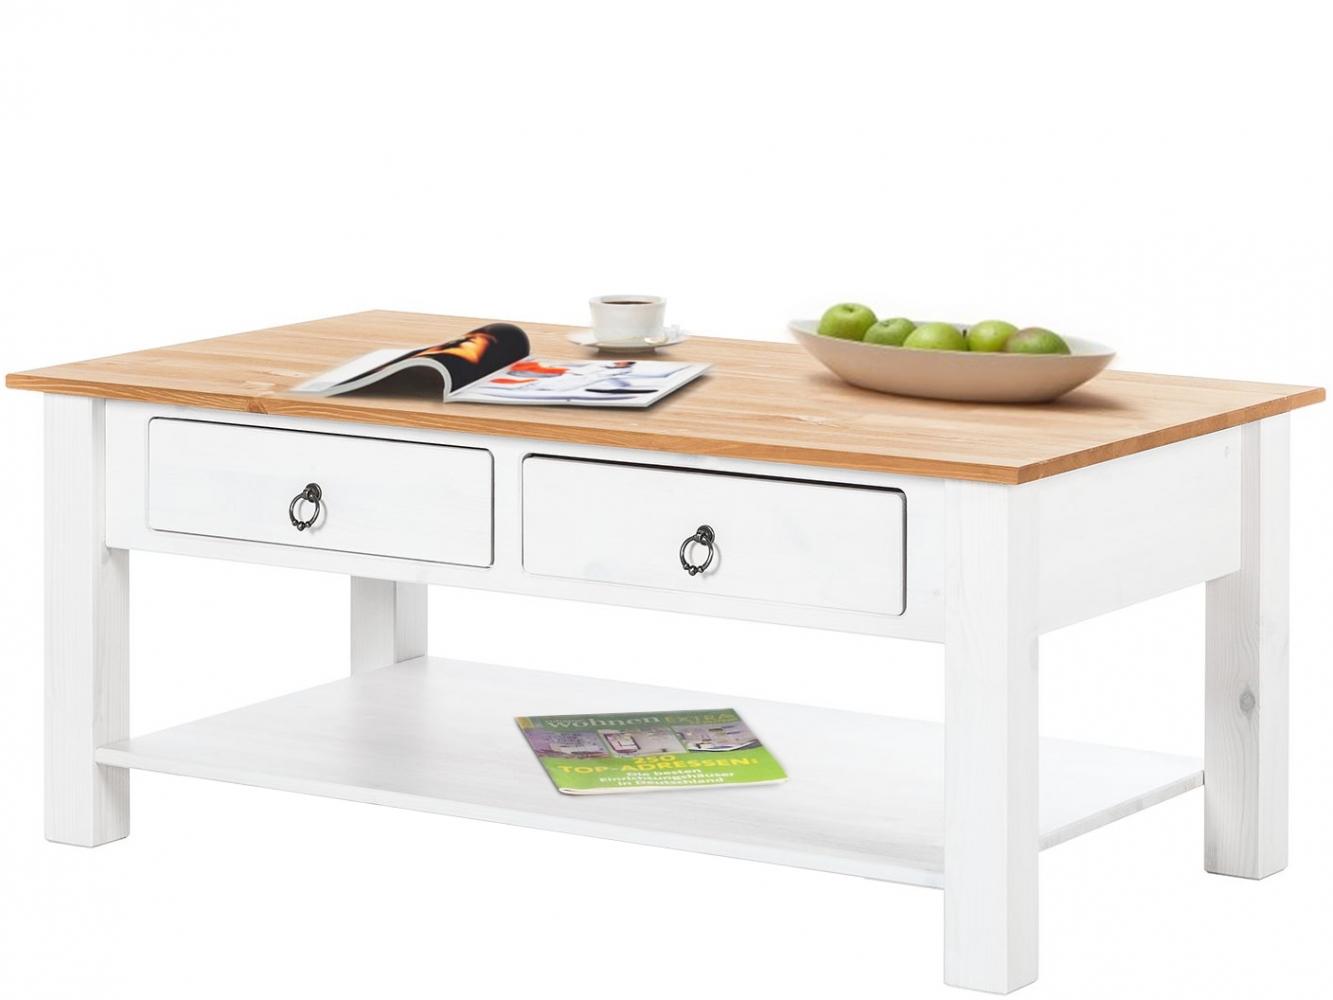 Konferenční stolek Inge, 110 cm, bílá